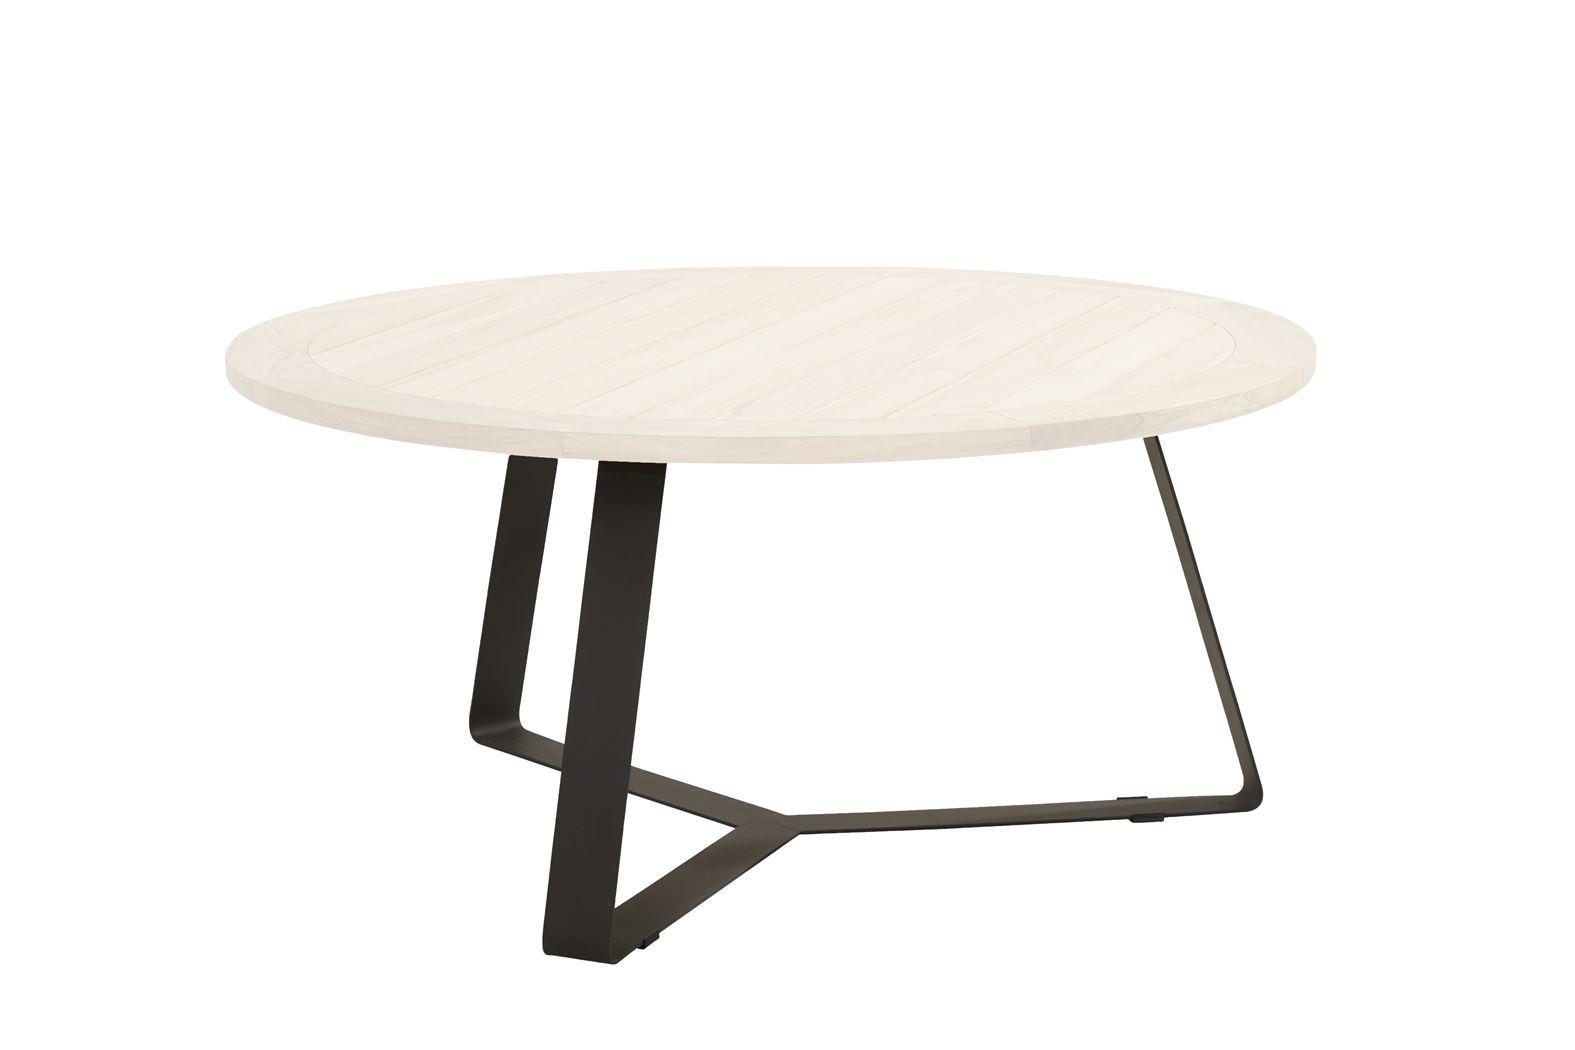 4so basso set of legs aluminium anthracite for round table